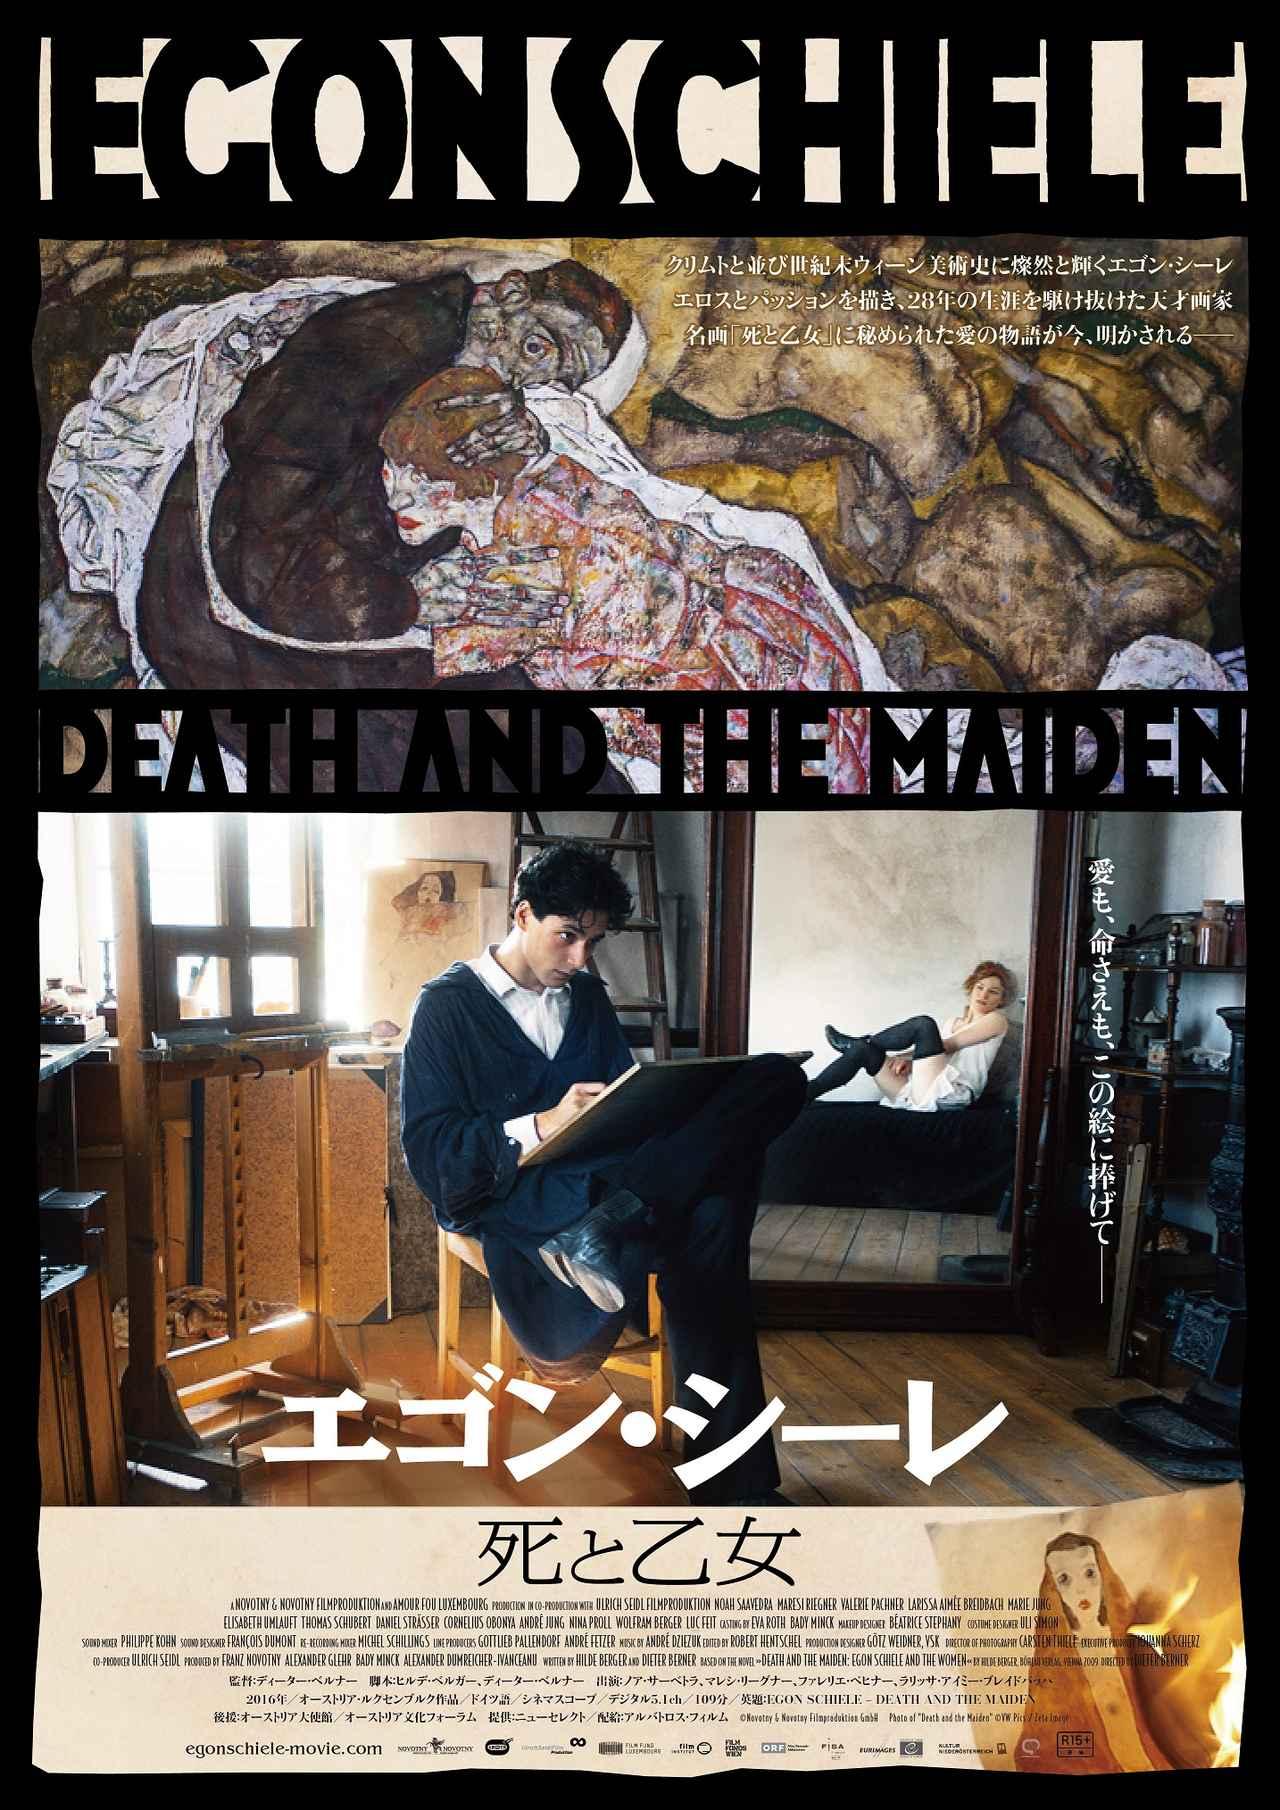 画像: クリムトと並び世紀末ウィーン美術史に燦然と輝くエゴン・シーレ エロスとパッションを描き、28年の生涯を駆け抜けた天才画家 名画「死と乙女」に秘められた愛の物語が今、明かされるー